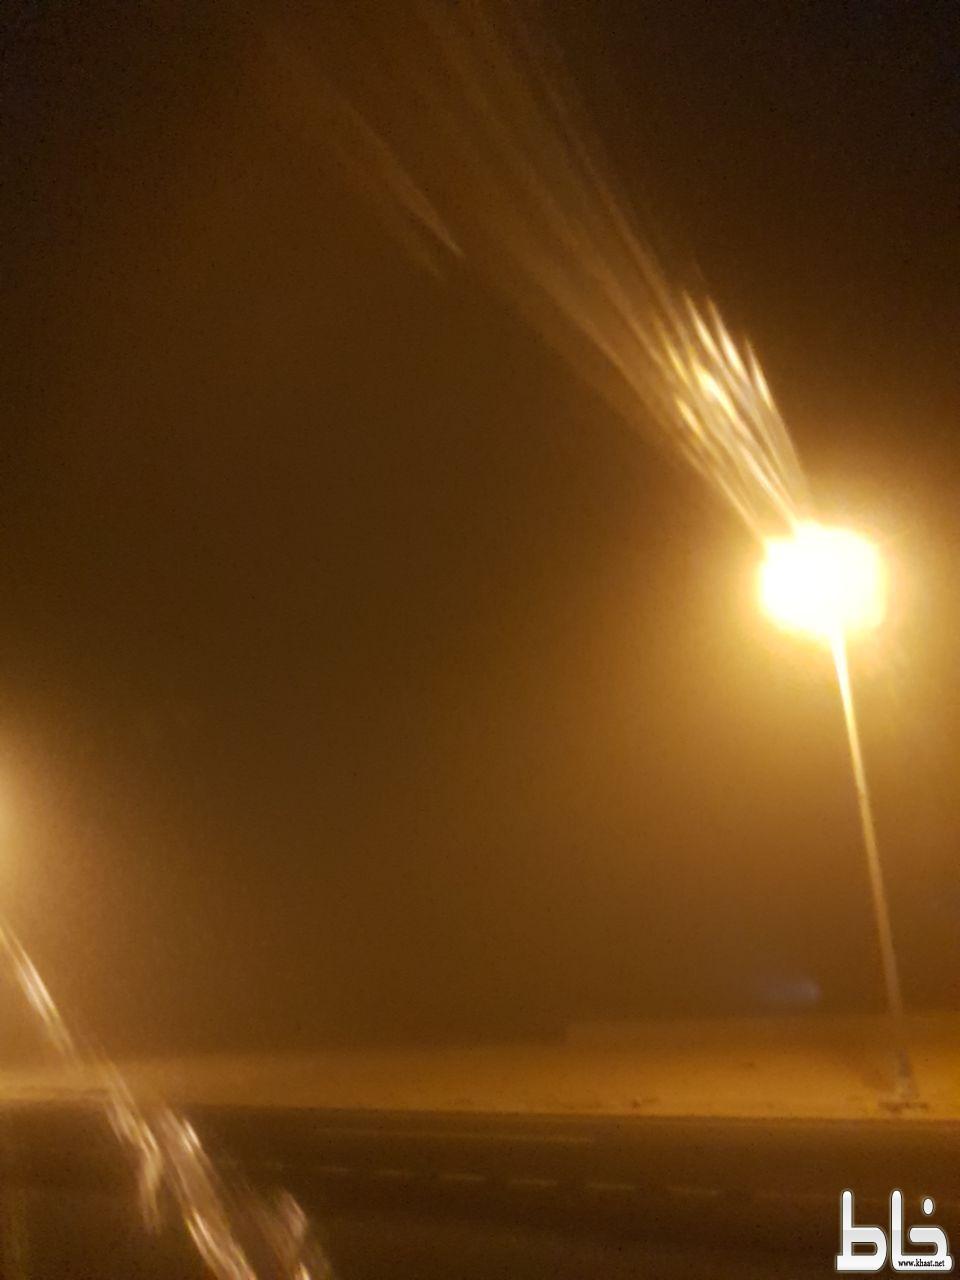 موجة غبار شديدة تجتاح مركز سبت الجارة وعدد من المراكز التابعة لمحافظة القنفذة